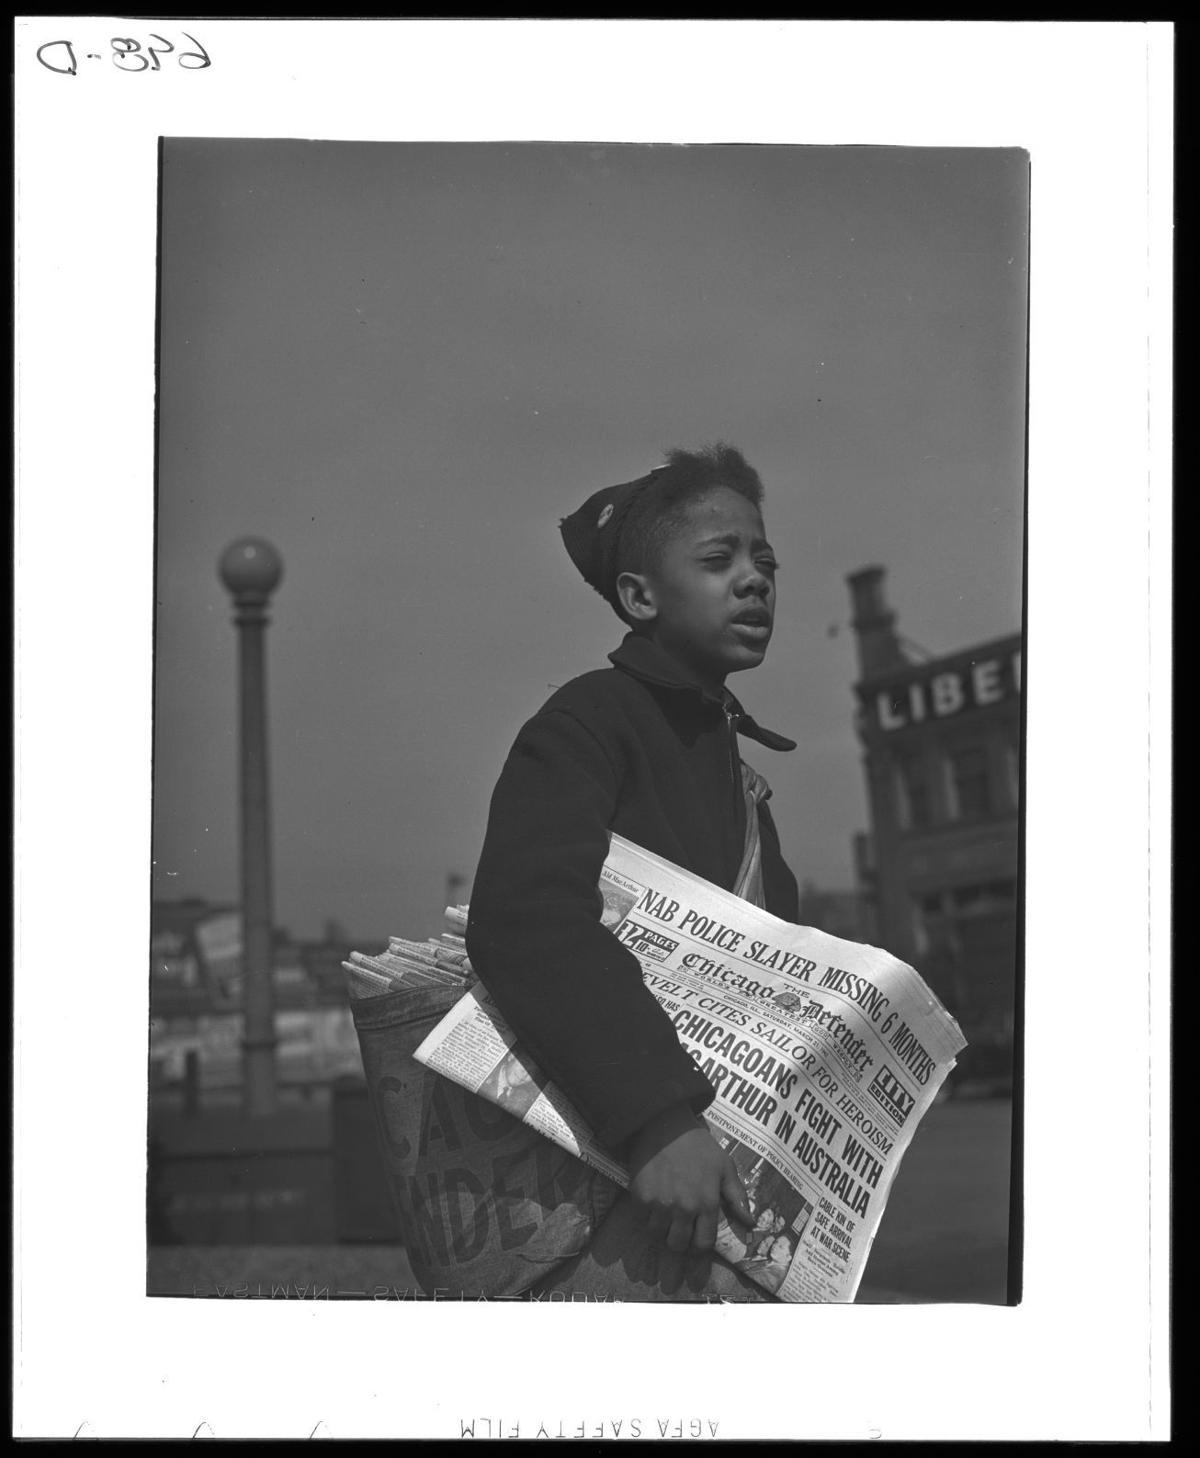 Chicago Defender - Paperboy